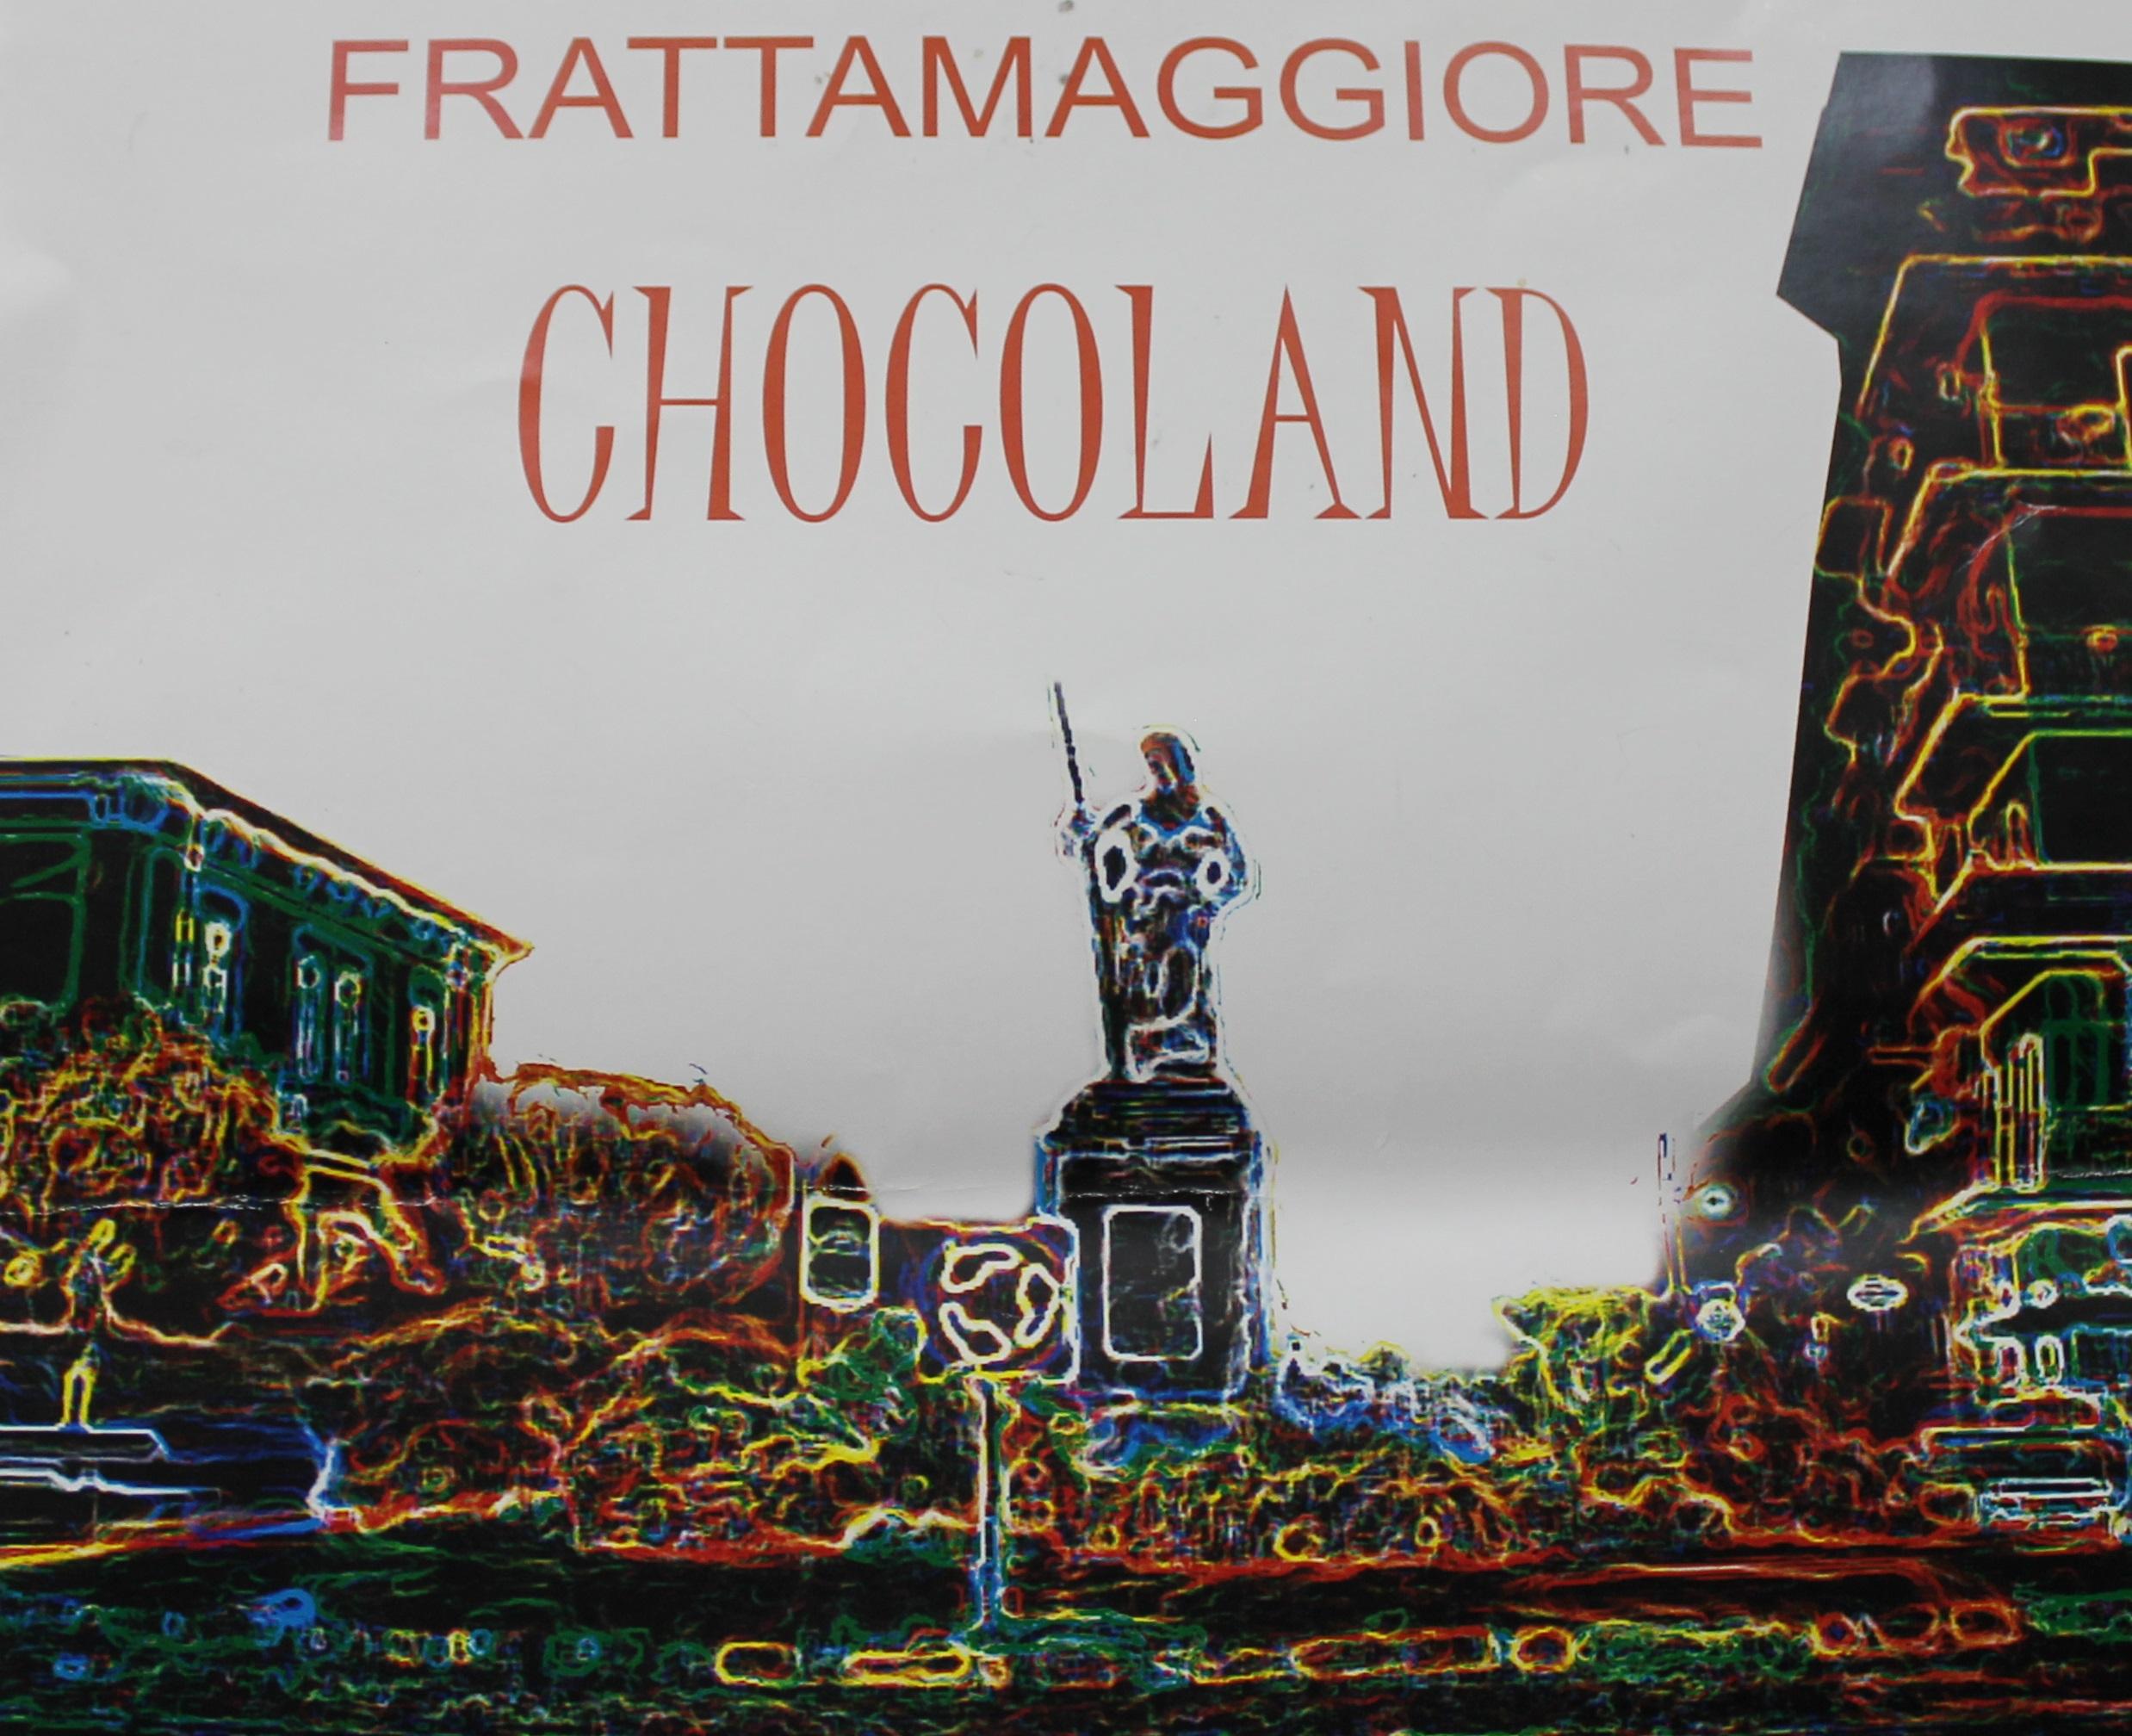 Fratta Chocoland – A Frattamaggiore una tre giorni all'insegna del cioccolato